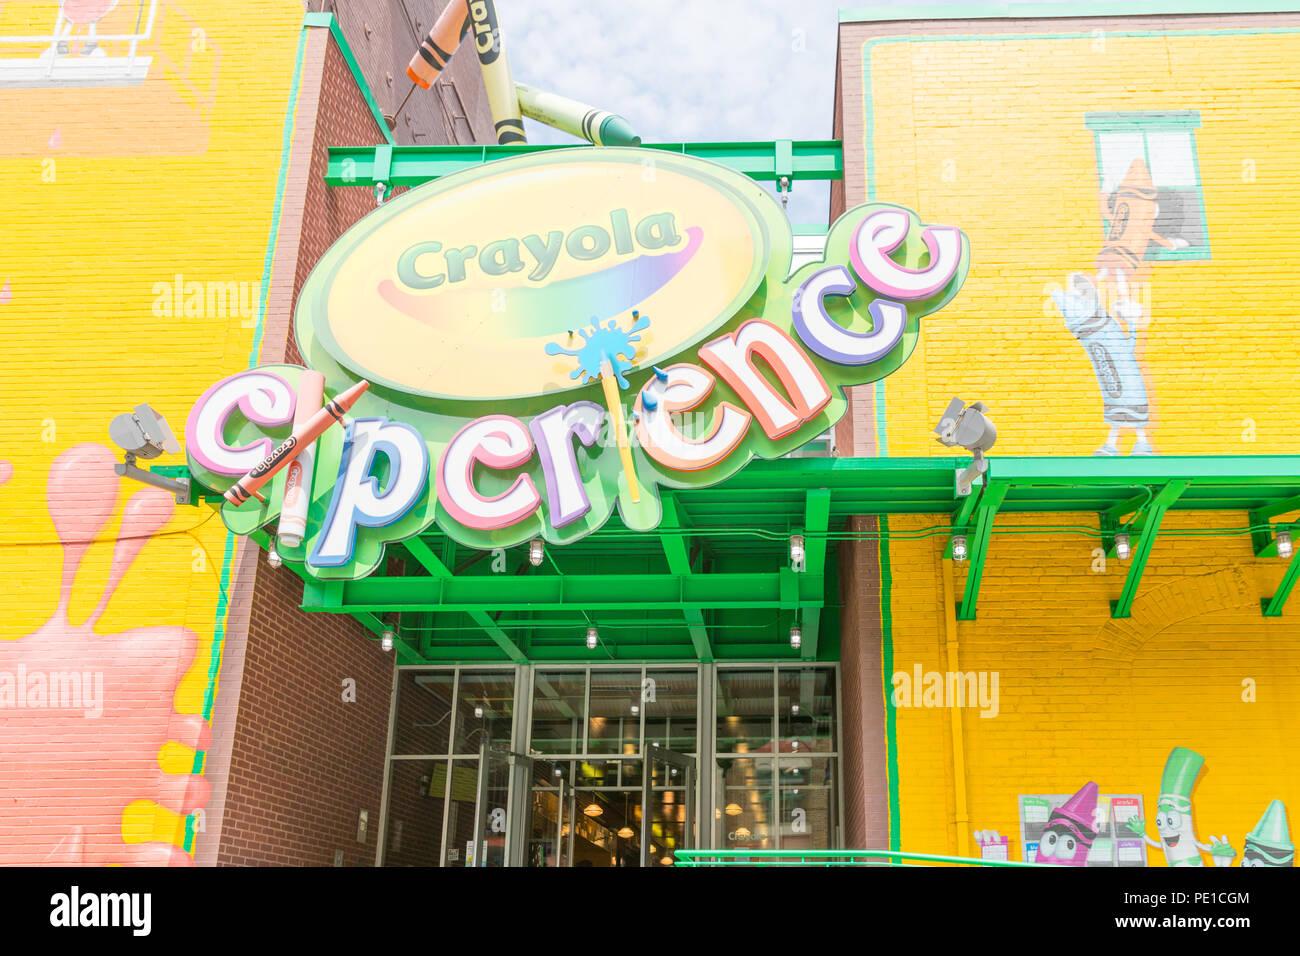 Crayola Crayon Stock Photos & Crayola Crayon Stock Images - Alamy